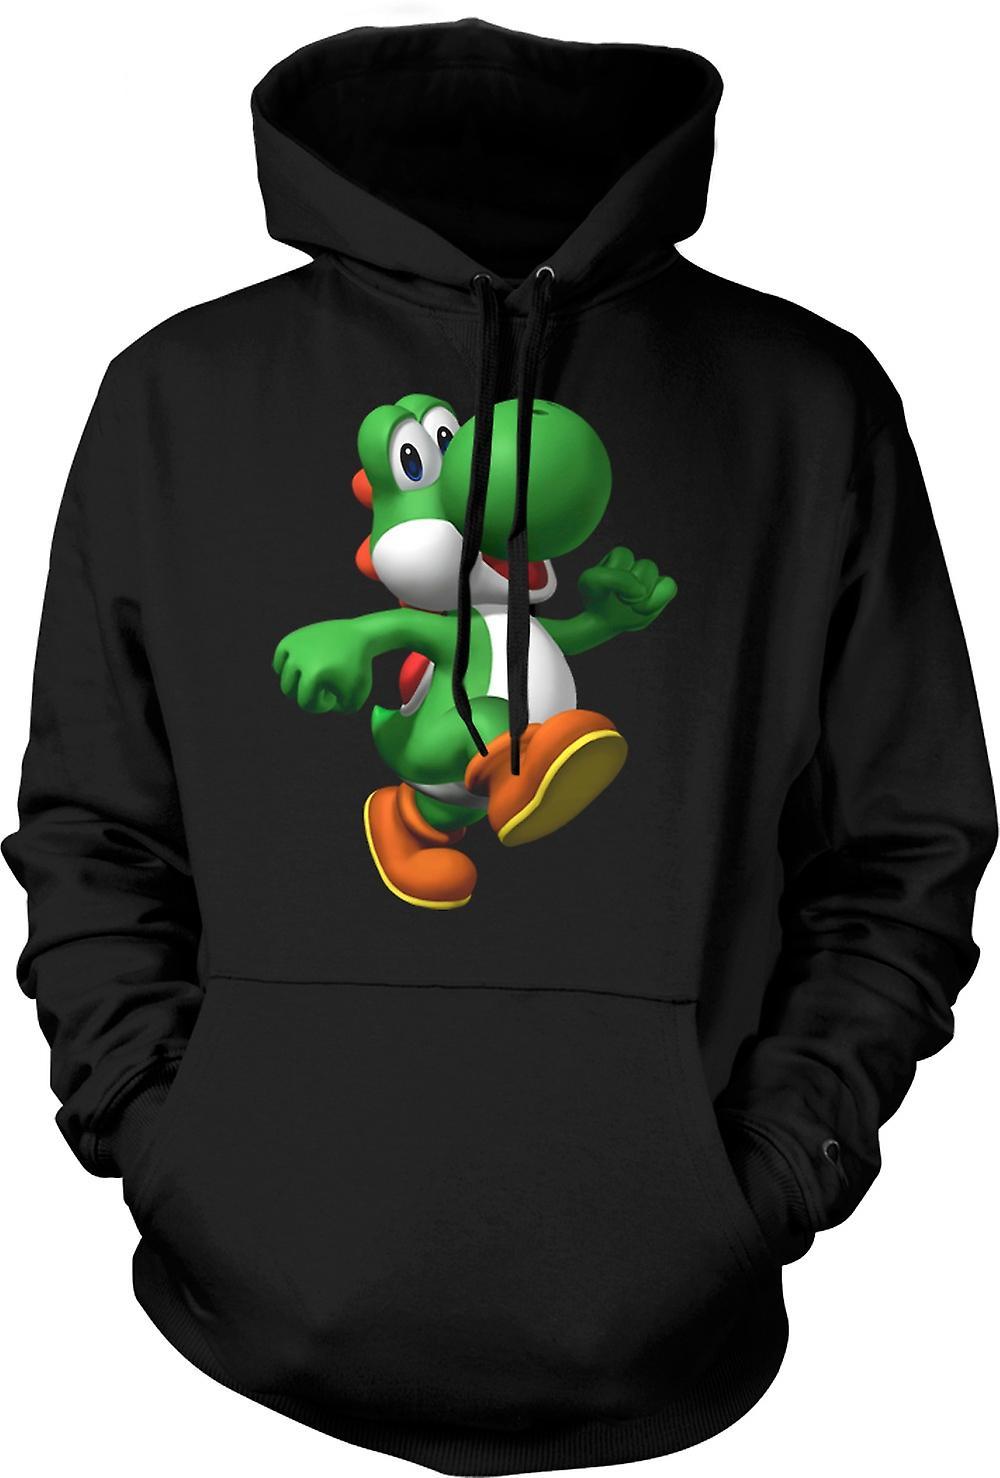 Mens Hoodie - ik hou van Yoshi - Gamer